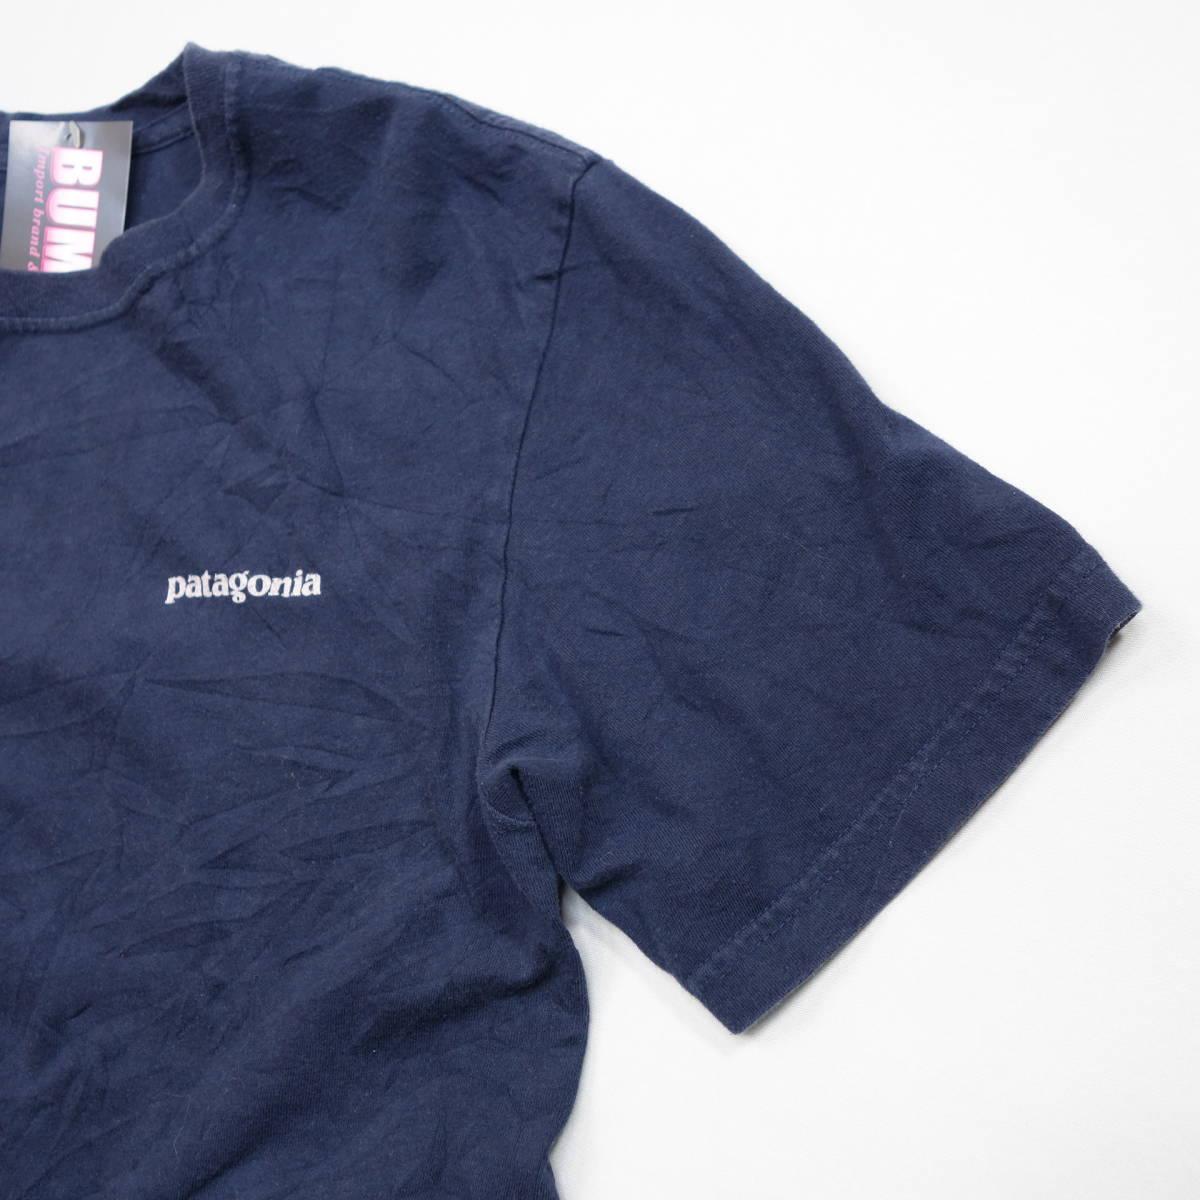 パタゴニア patagonia Tシャツ 半袖 メンズ S クルーネック バックプリント アウトドア カジュアル アメリカ USA直輸入 古着 MNO-1-1-0510_画像6